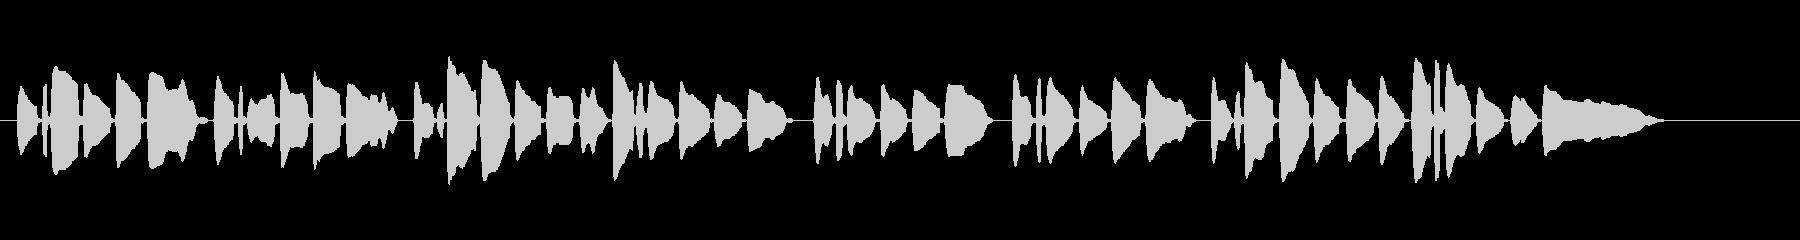 リコーダーでハッピーバースデートゥーユーの未再生の波形